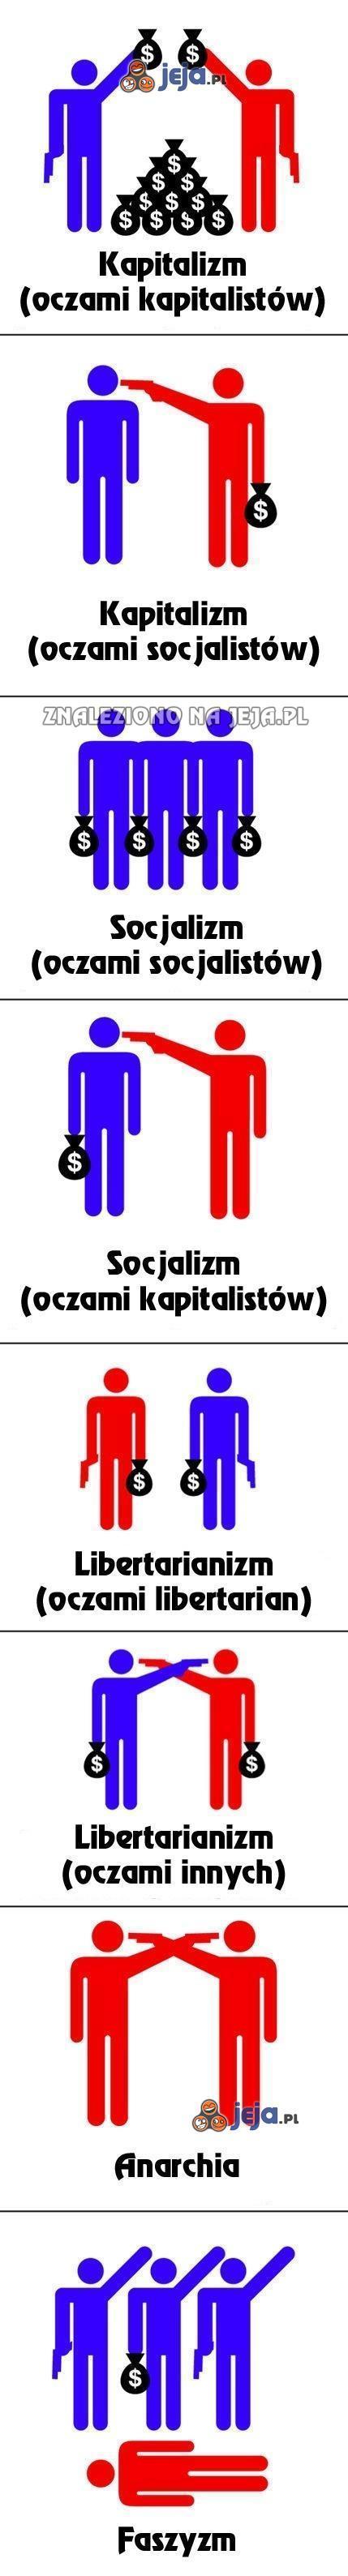 Ekonomia i polityka - małe uproszczenie